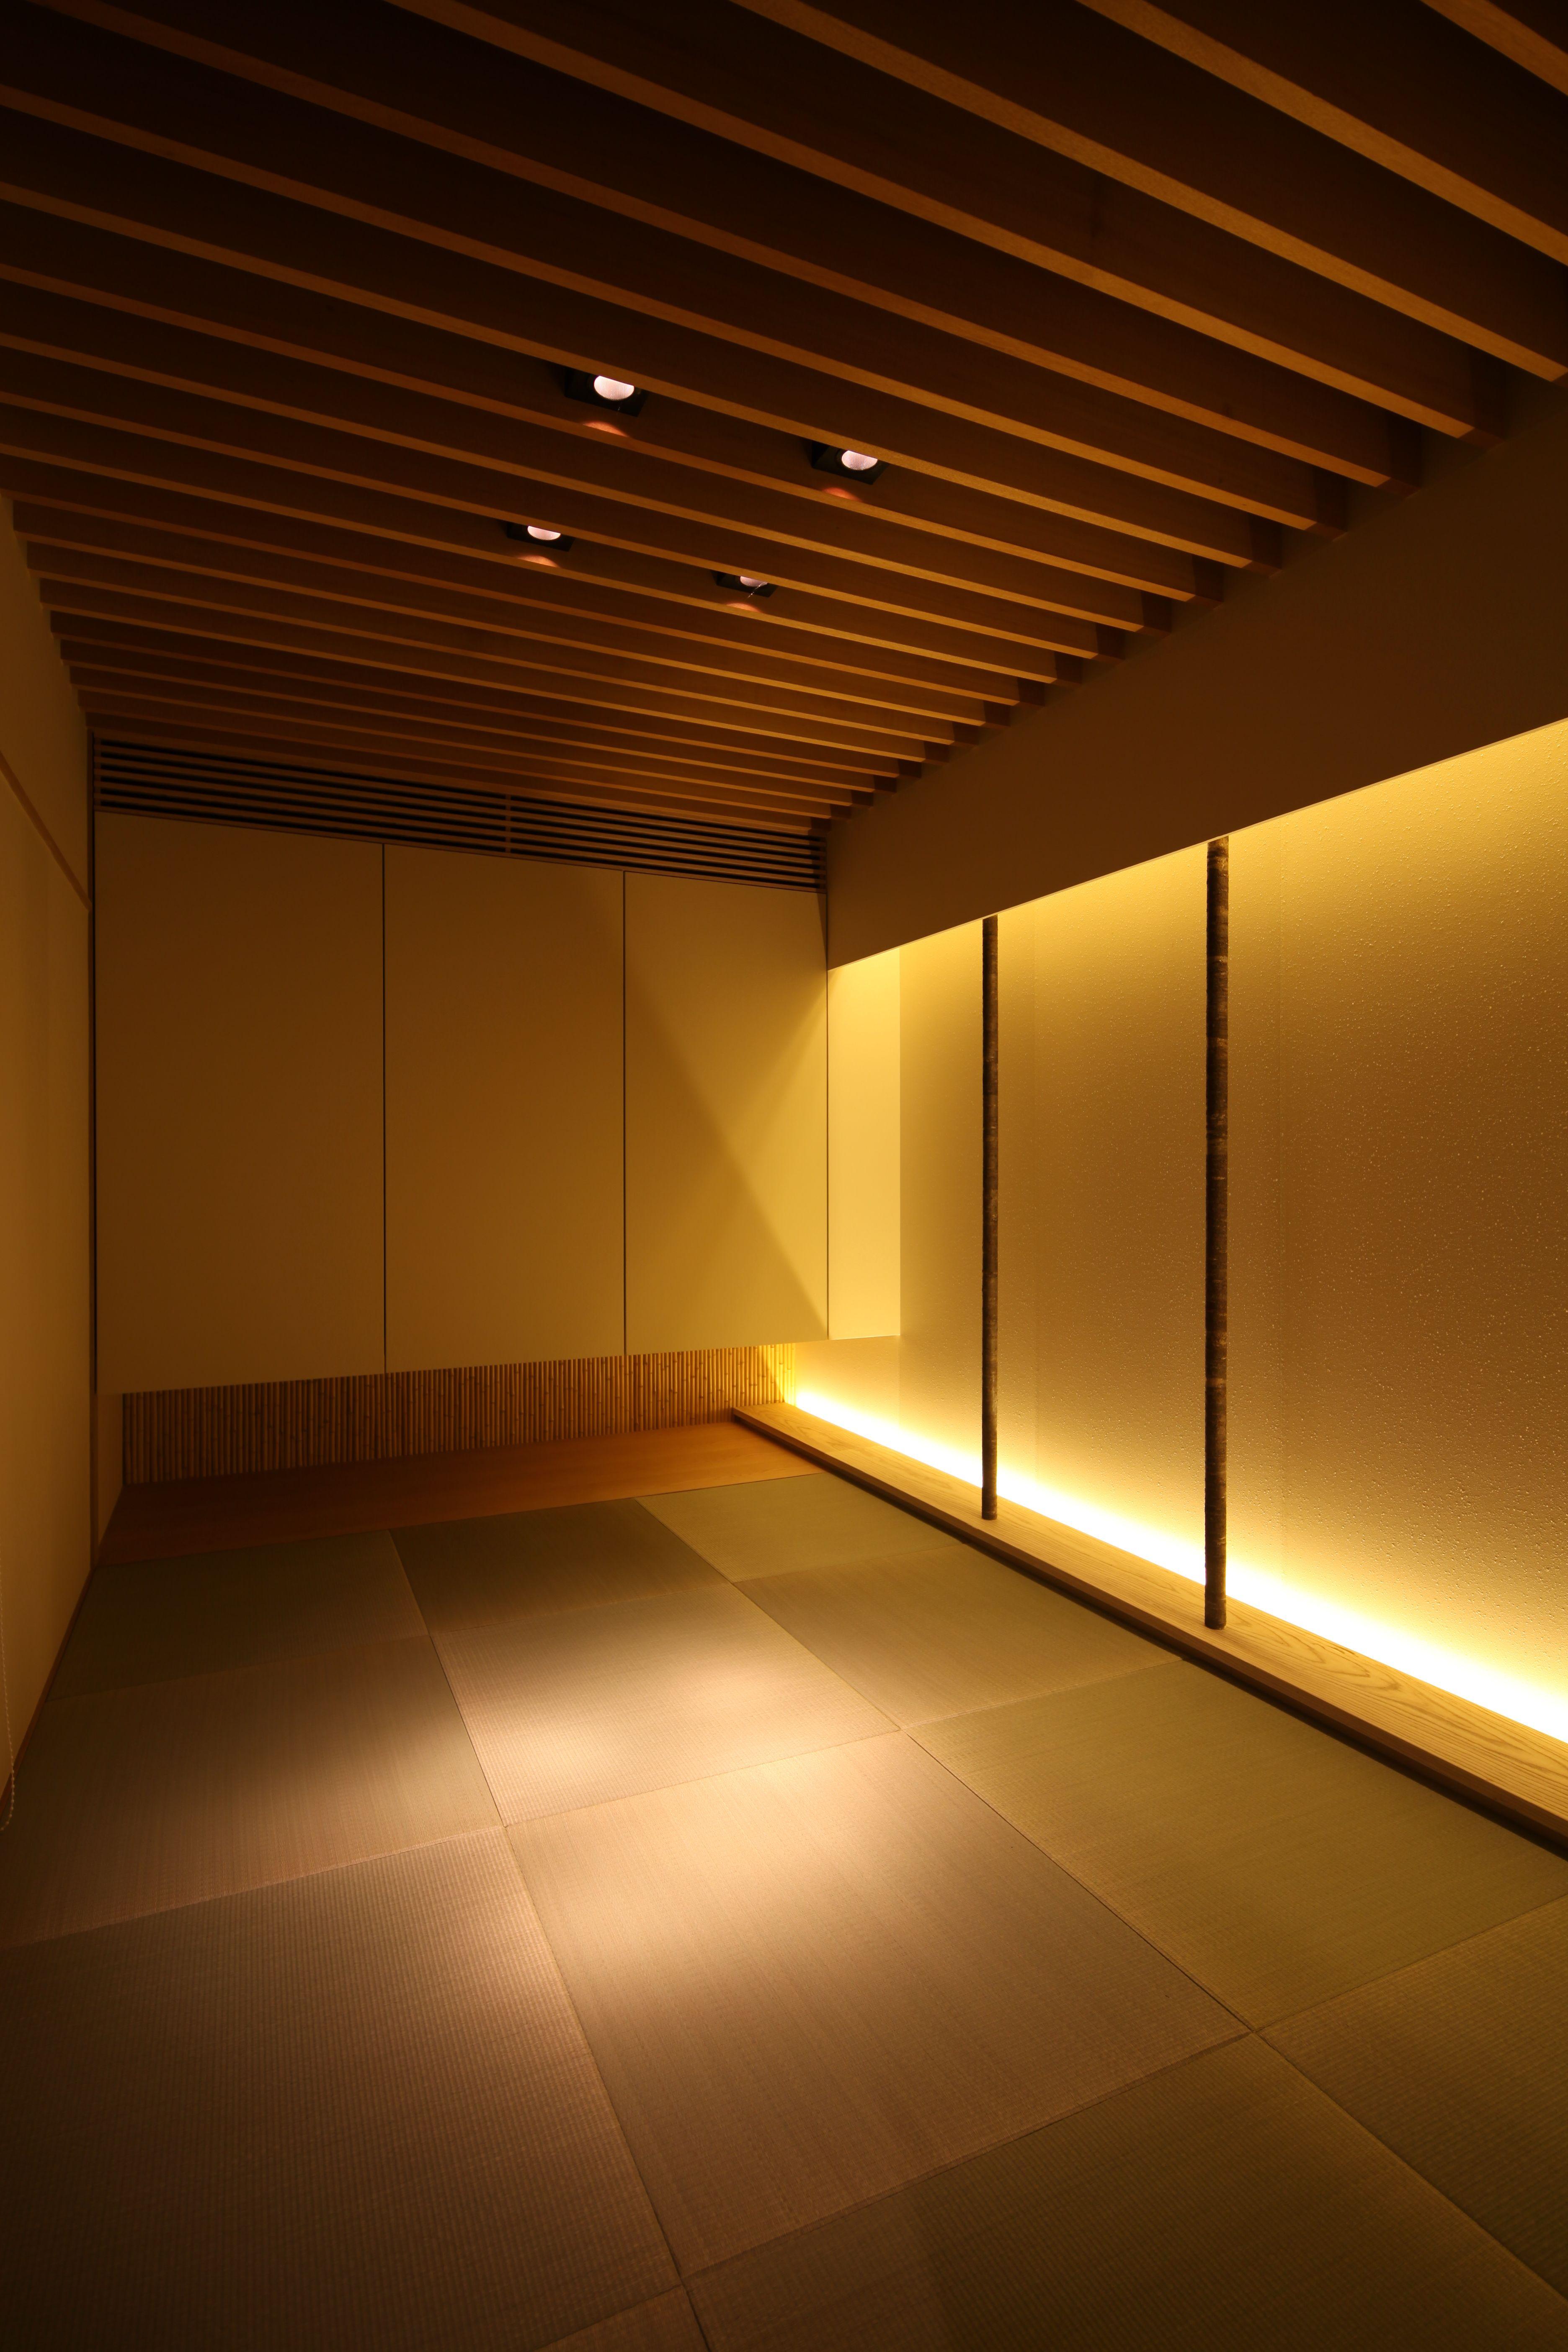 天井のルーバーで空間にアクセントをつけています 照明は和室に合う